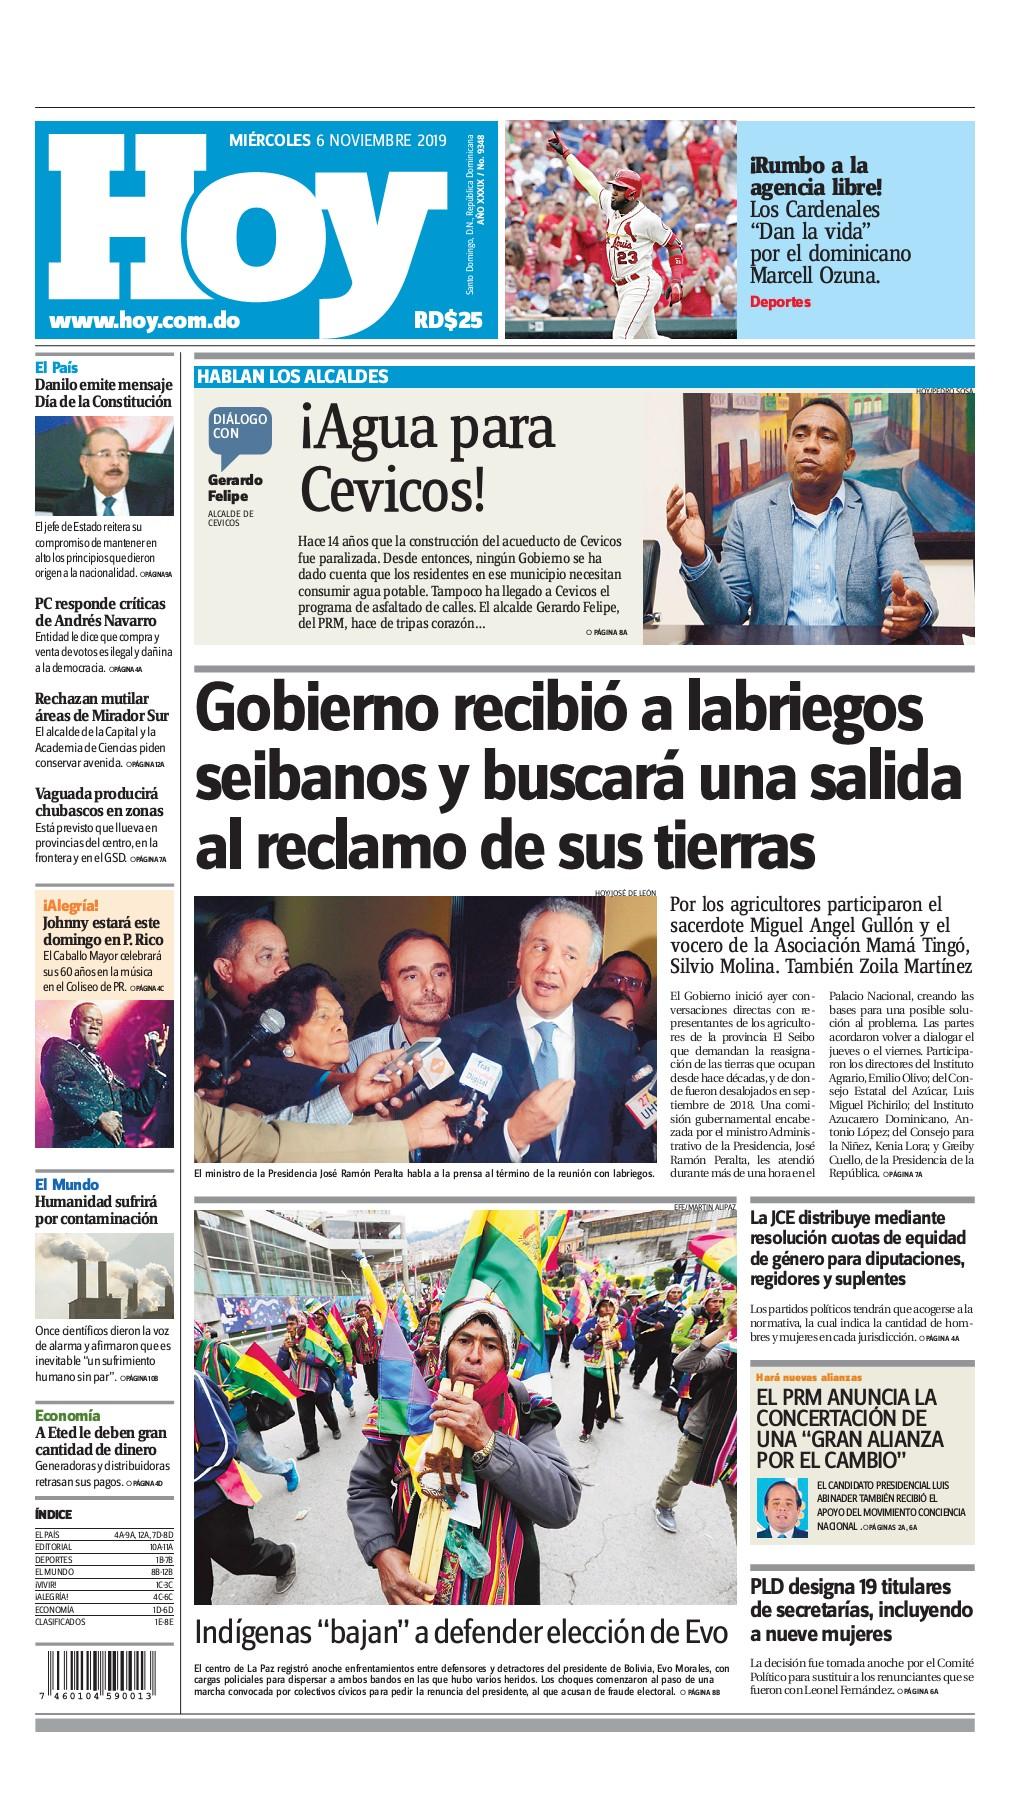 Portada Periódico Hoy, Miércoles 06 de Noviembre, 2019